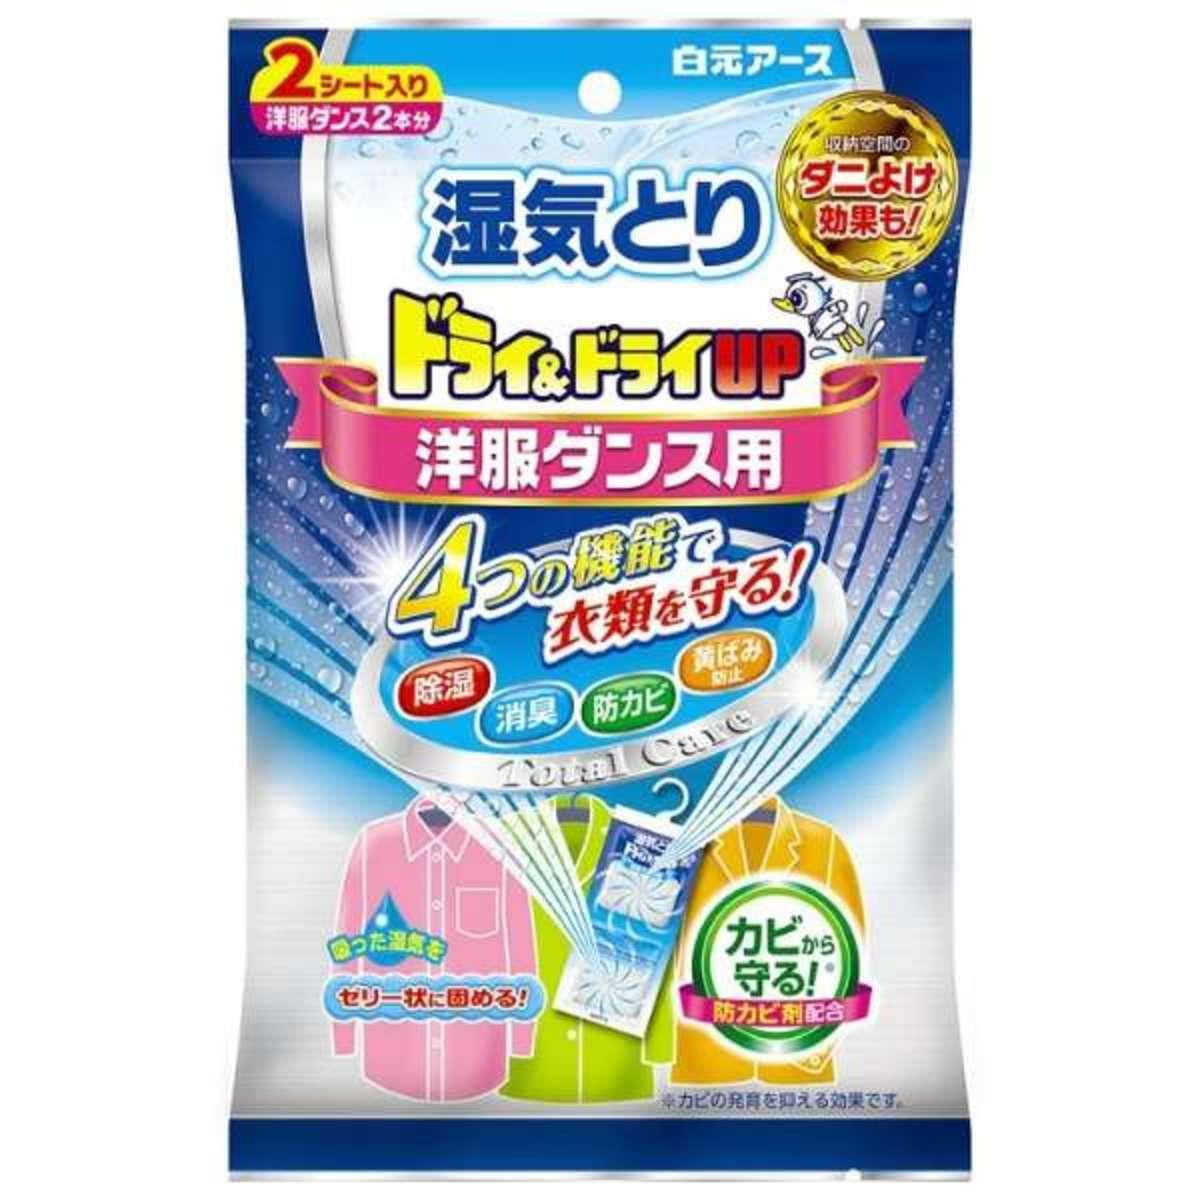 衣物除濕乾燥劑防潮濕防黴除臭防發黃 懸掛式 2個入